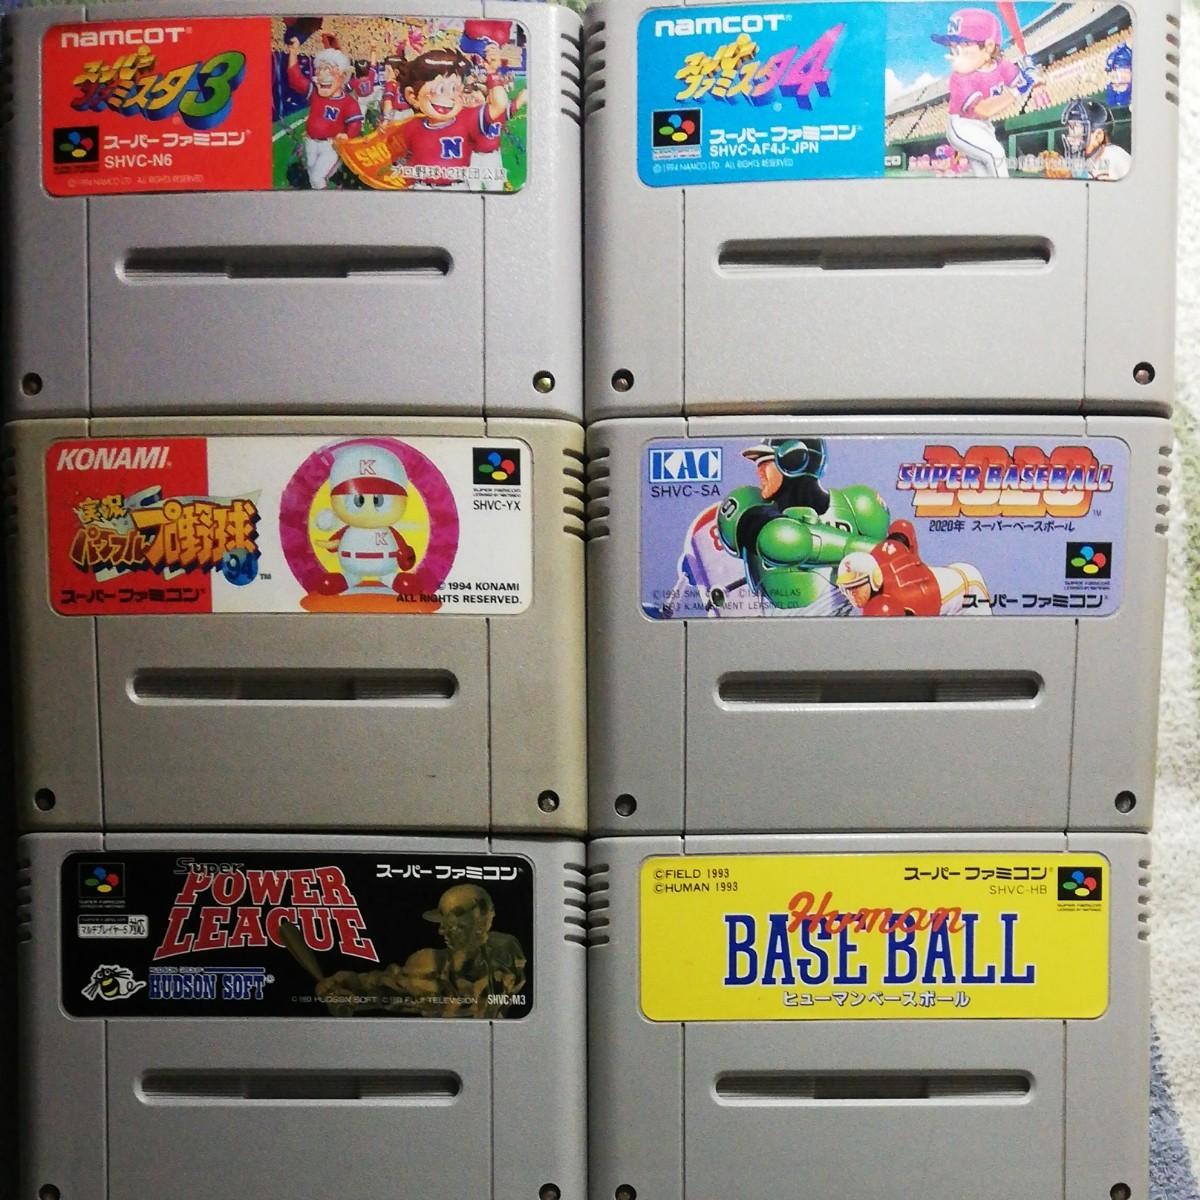 送料込み530円 SFCスーパーファミコン野球ソフト6本パワプロファミスタスーパーベースボール